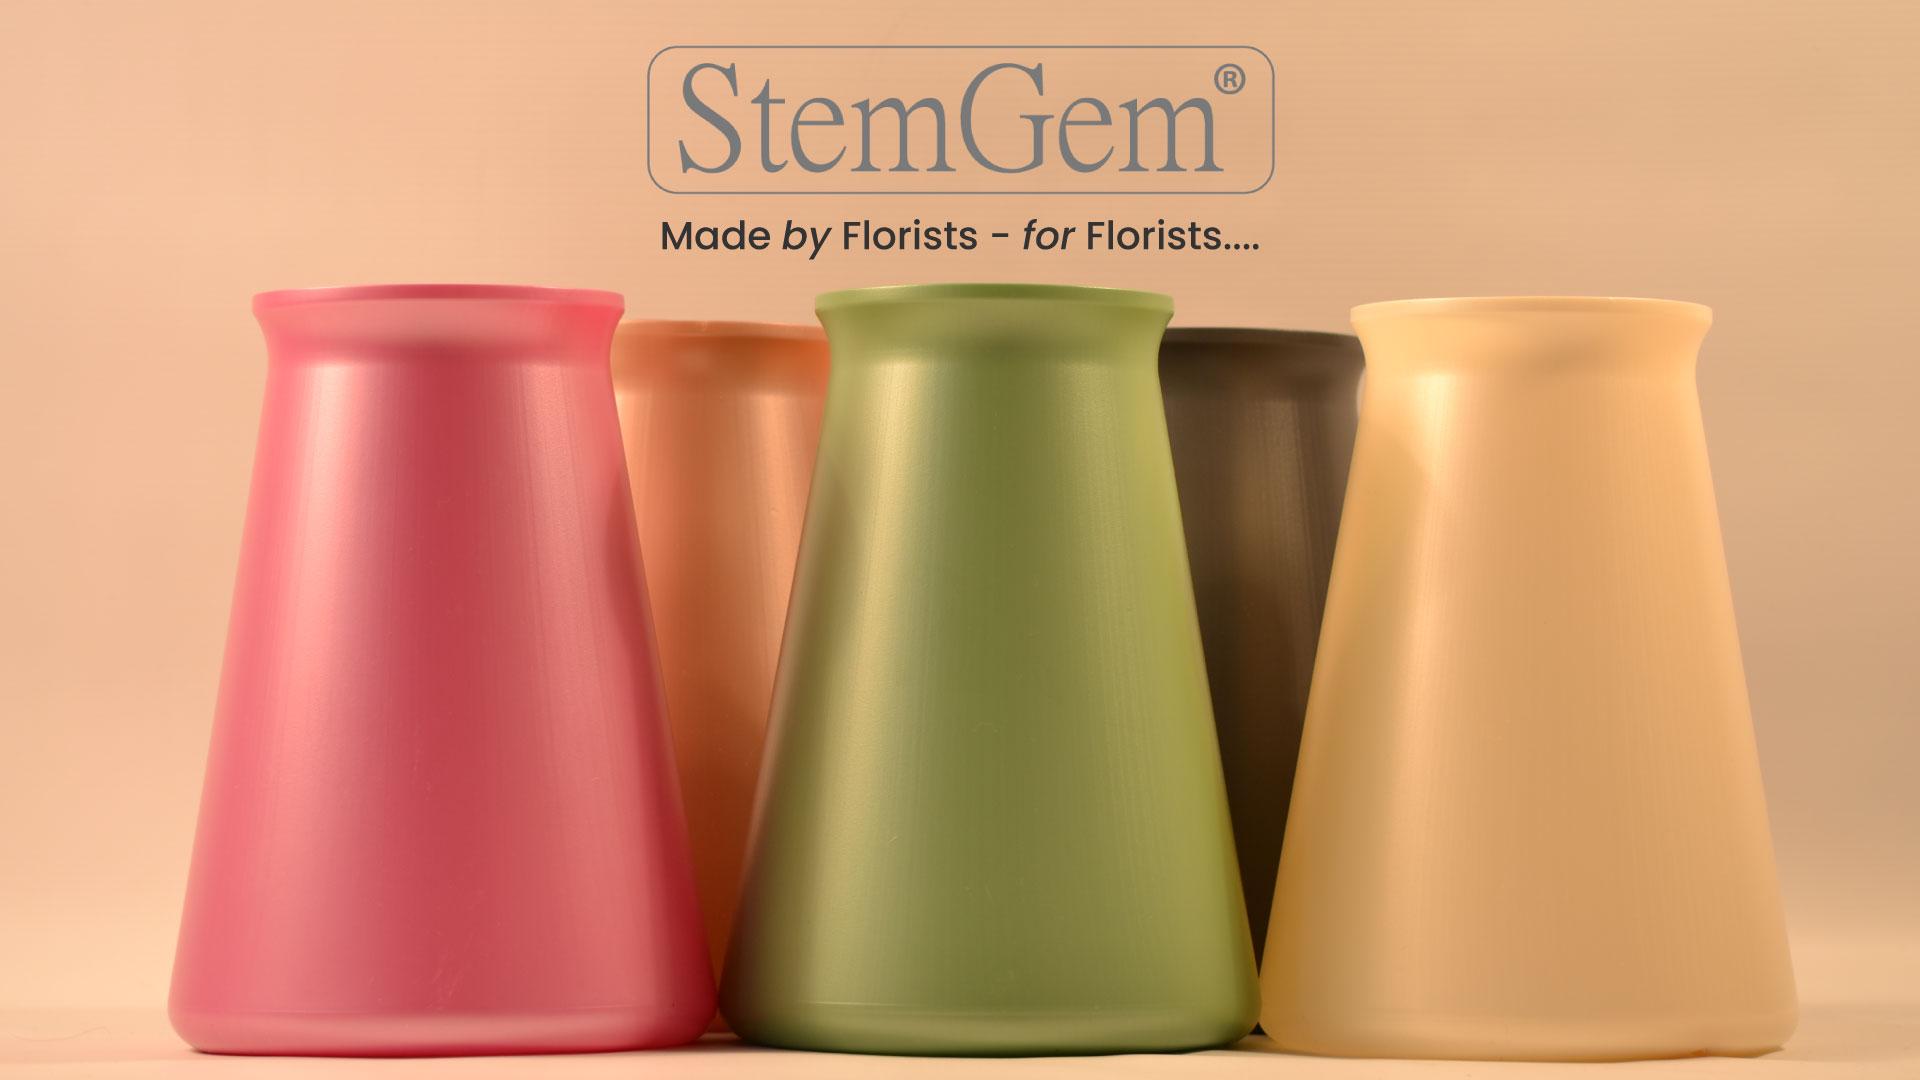 Buy StemGem® Vases Made By Florists For Florists